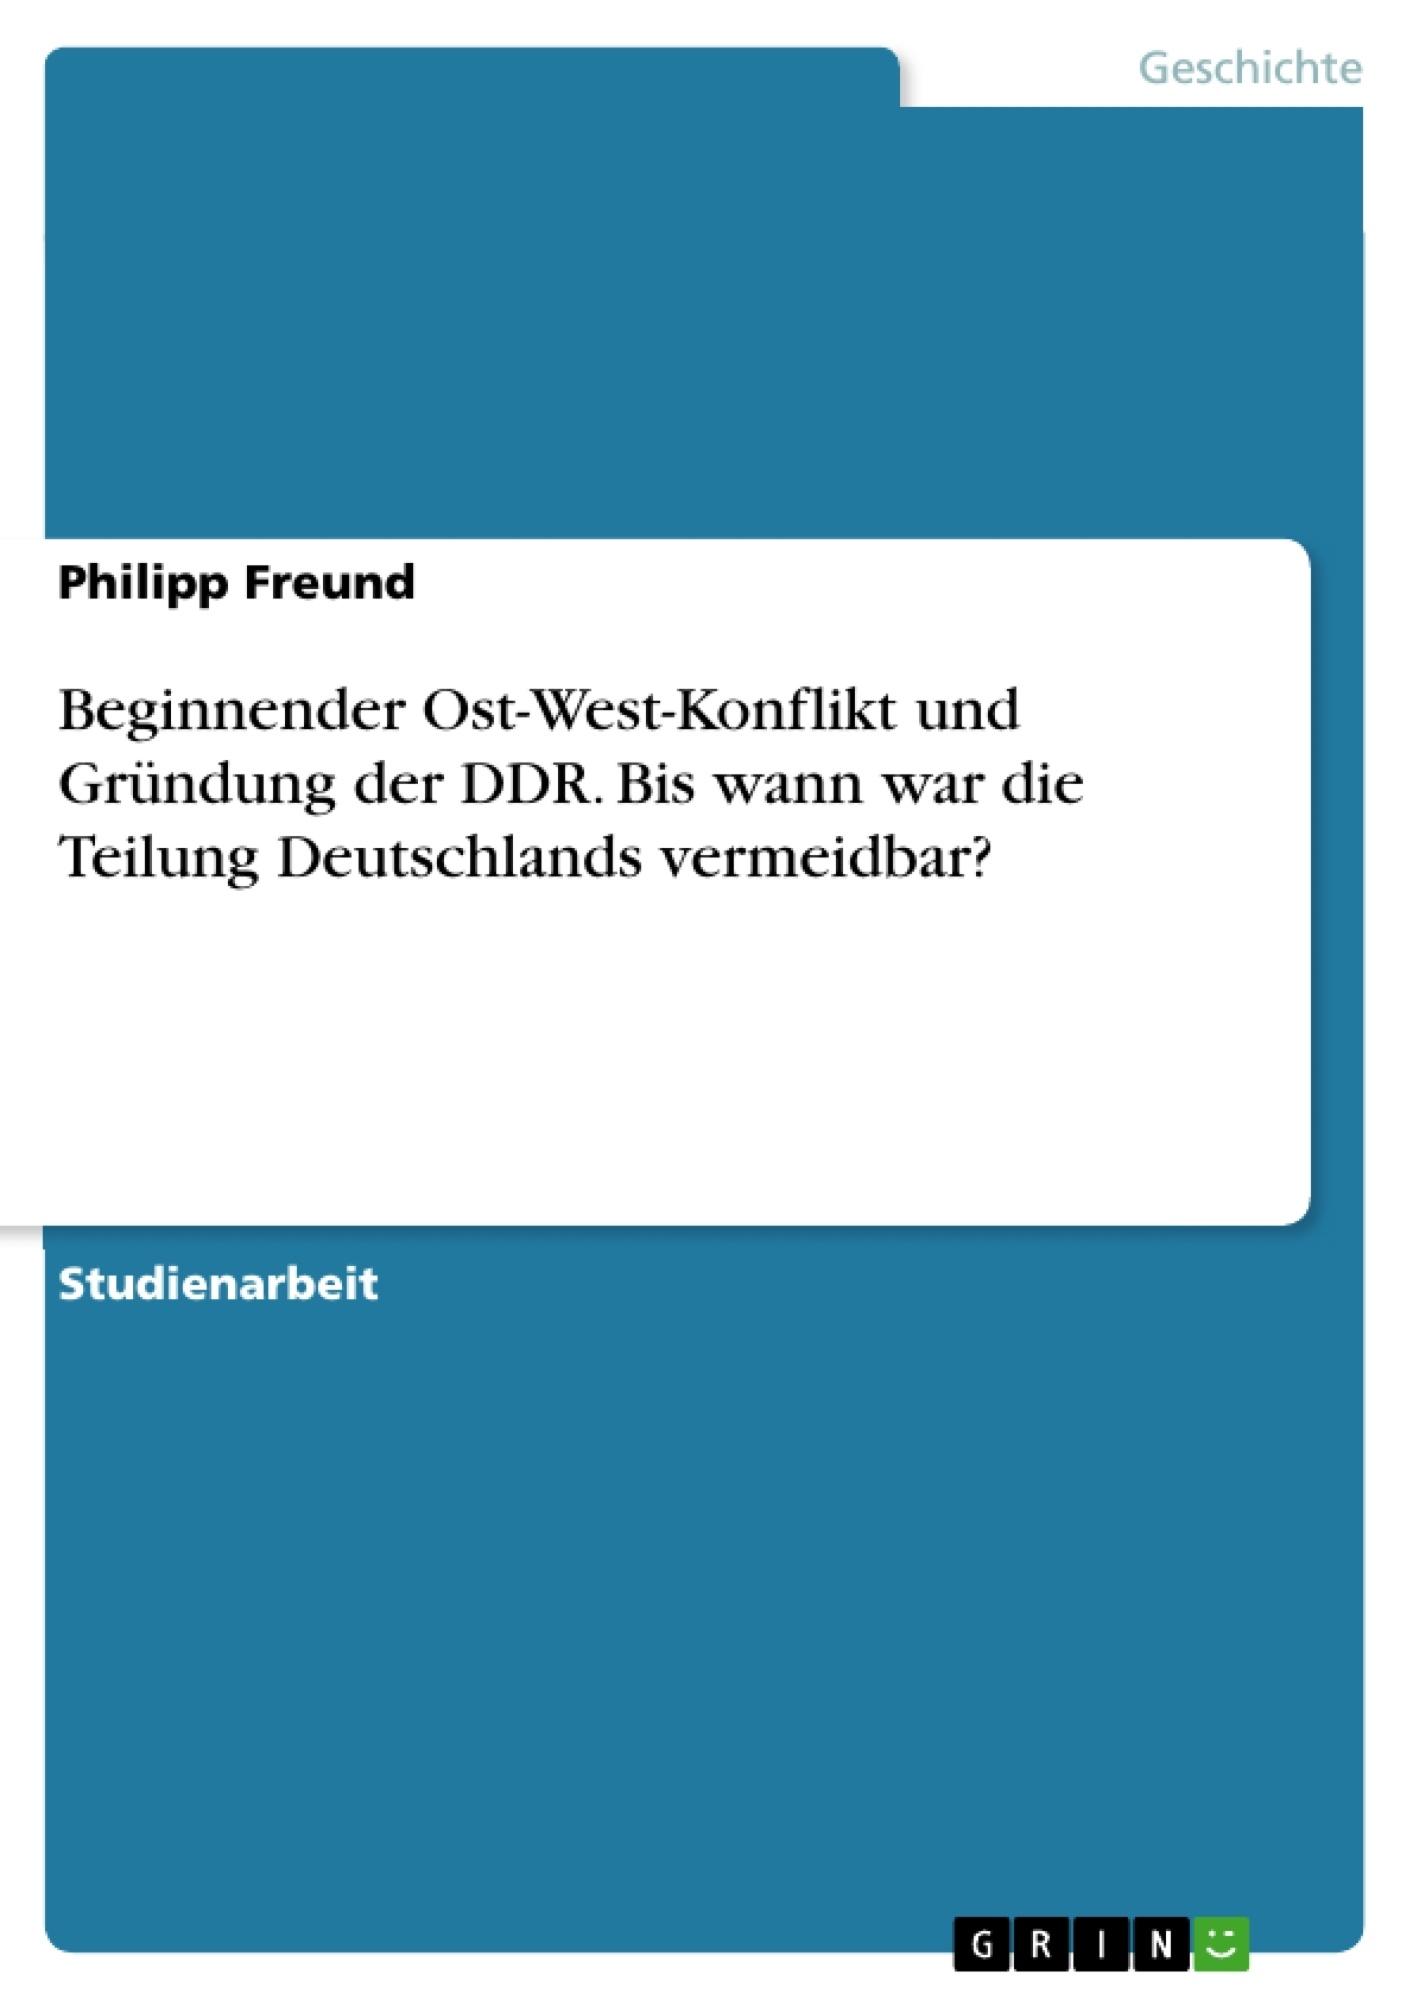 Titel: Beginnender Ost-West-Konflikt und Gründung der DDR. Bis wann war die Teilung Deutschlands vermeidbar?